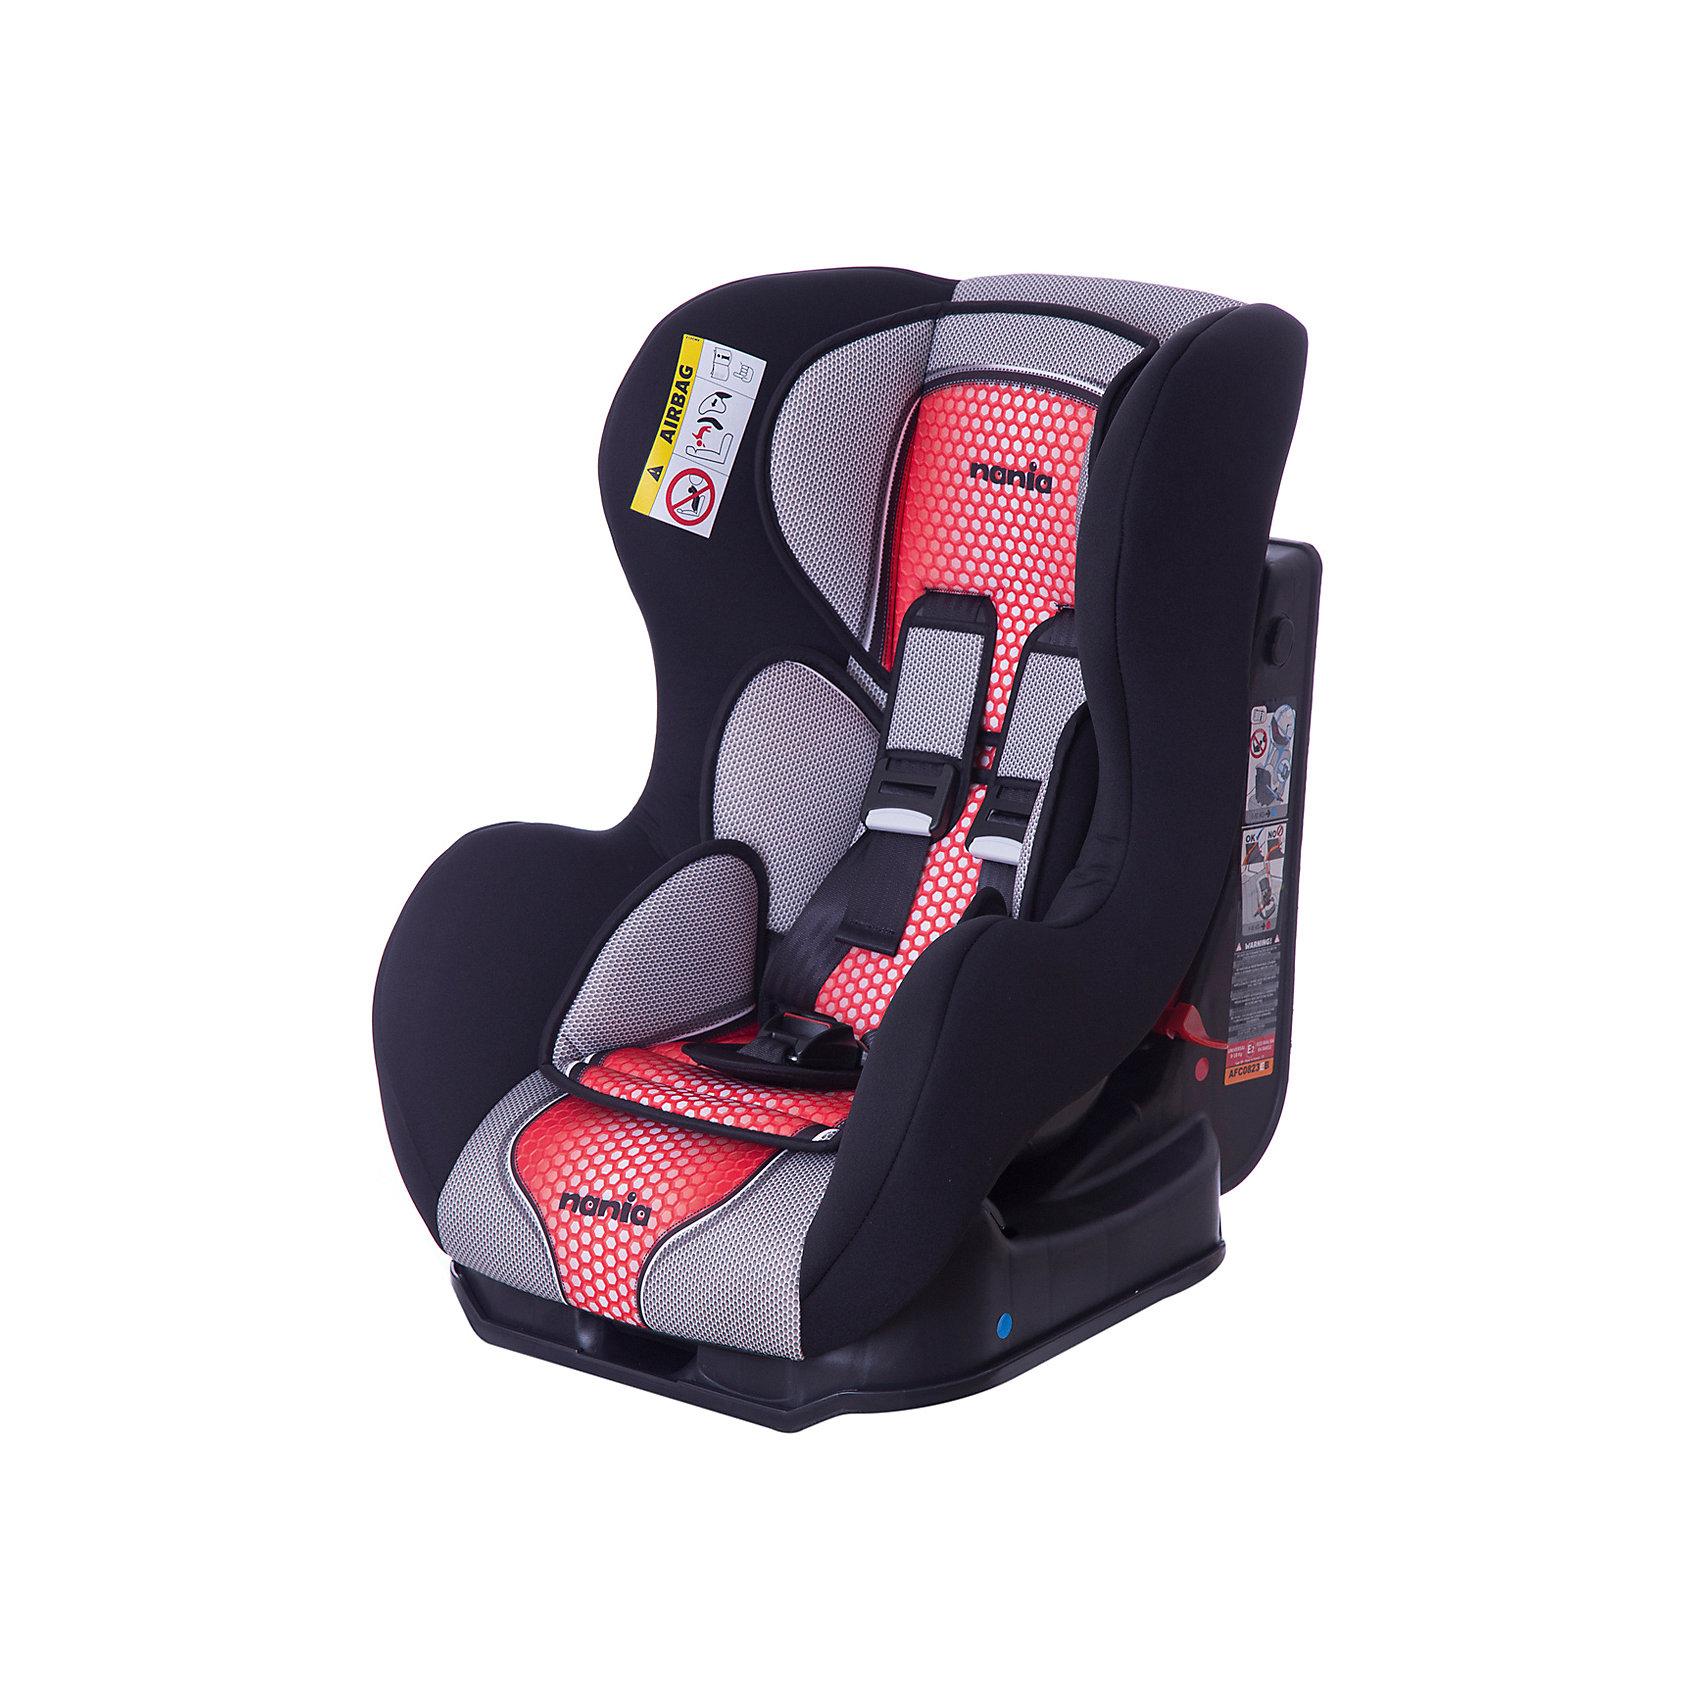 Автокресло Cosmo SP FST 0-18 кг., Nania, pop redХарактеристики Nania Cosmo SP FST:<br><br>• группа 0+/1;<br>• вес ребенка: до 18 кг;<br>• возраст ребенка: от рождения до 4-х лет;<br>• способ установки: против хода (до 9 кг) и по ходу движения автомобиля (9-18кг);<br>• способ крепления: штатными ремнями безопасности автомобиля;<br>• 5-ти точечные ремни безопасности с мягкими накладками;<br>• угол наклона спинки регулируется: 3 положения;<br>• анатомический вкладыш для новорожденного, подголовник;<br>• дополнительная защита от боковых ударов, система SP (side protection);<br>• съемные чехлы, стирка при температуре 30 градусов;<br>• материал: пластик, полиэстер;<br>• стандарт безопасности: ЕСЕ R44/03.<br><br>Размер автокресла: 54х45х61 см<br>Размер сиденья: 33х31 см<br>Высота спинки: 55 см<br>Вес автокресла: 5,7 кг<br><br>Автокресло Nania Cosmo SP FST устанавливается как по ходу движения, так и против хода движения автомобиля, как на заднем сиденье автомобиля, так и на переднем сиденье автомобиля (с условием отключения подушки безопасности). Регулируемая спинка дает возможность малышу занять удобное положение, как во время сна, так и во время бодрствования. Автокресло соответствует всем стандартам безопасности. <br><br>Автокресло Cosmo SP FST 0-18 кг., Nania, pop red можно купить в нашем интернет-магазине.<br><br>Ширина мм: 660<br>Глубина мм: 455<br>Высота мм: 805<br>Вес г: 14910<br>Возраст от месяцев: 0<br>Возраст до месяцев: 48<br>Пол: Унисекс<br>Возраст: Детский<br>SKU: 5287291